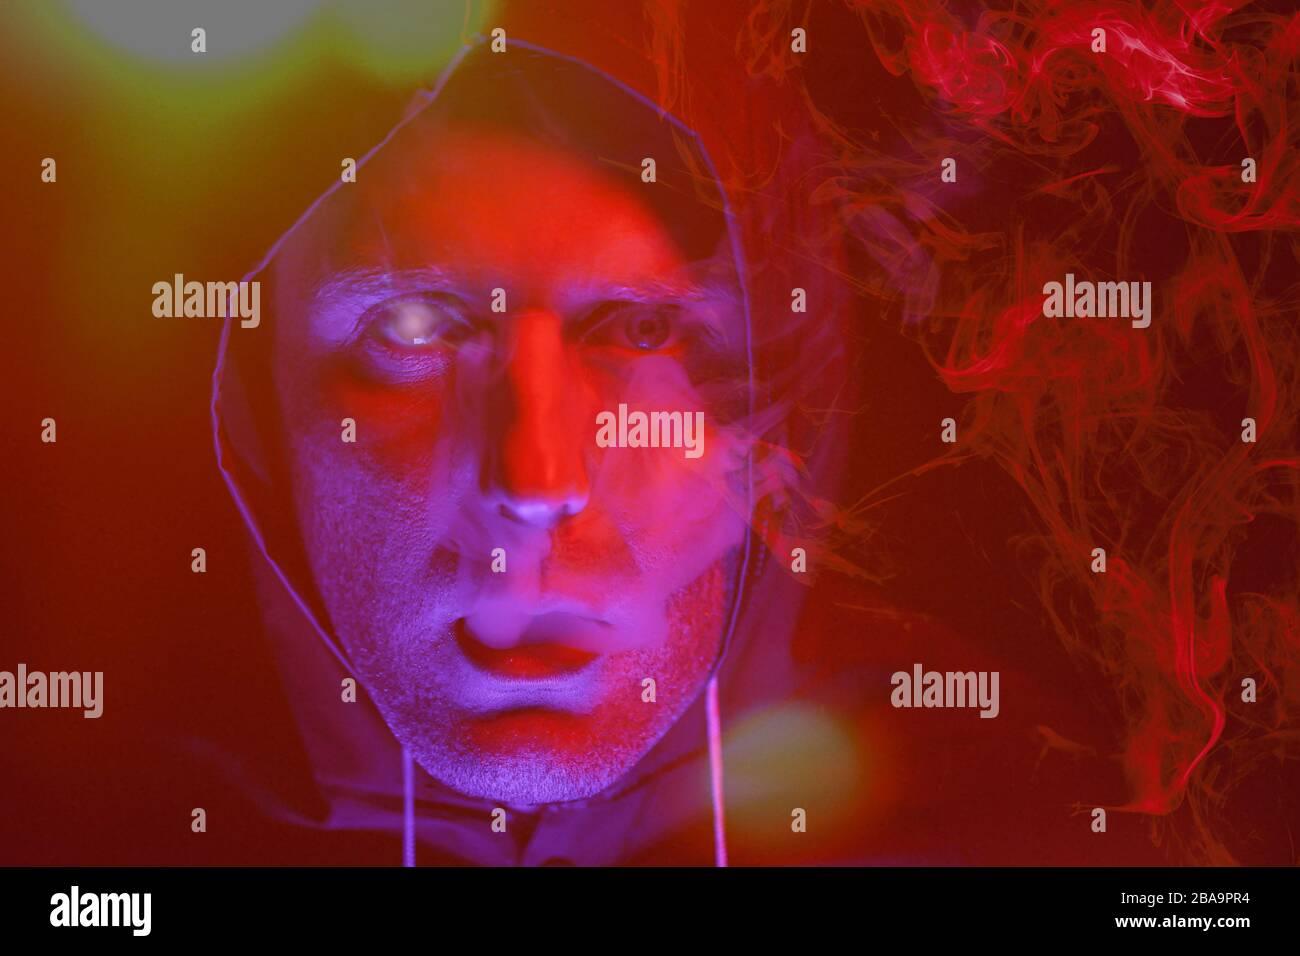 Un uomo in maschera e tuta di protezione chimica in luce rossa e blu. Lotta contro il virus Foto Stock